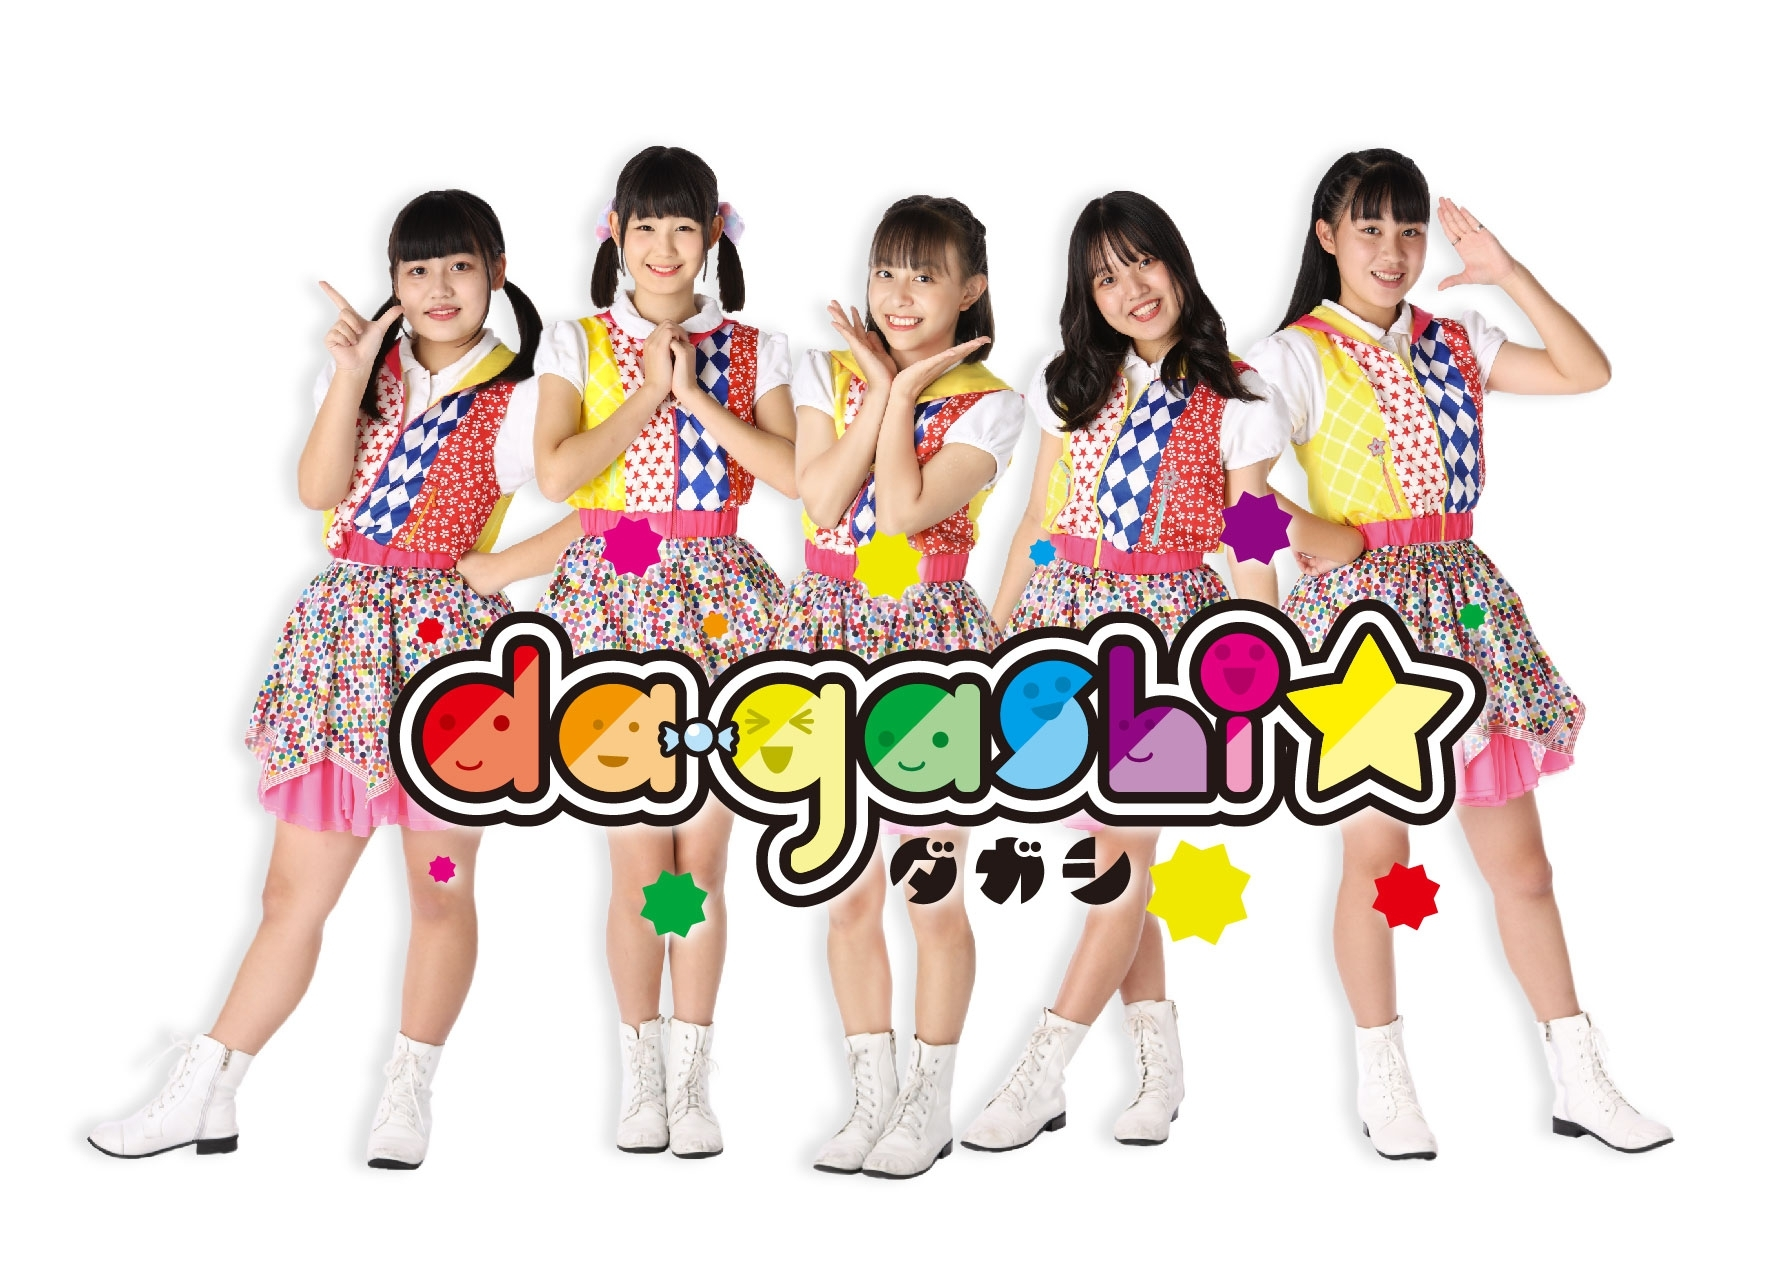 """【da-gashi☆】メンバー""""コトノ""""についてのお知らせ"""